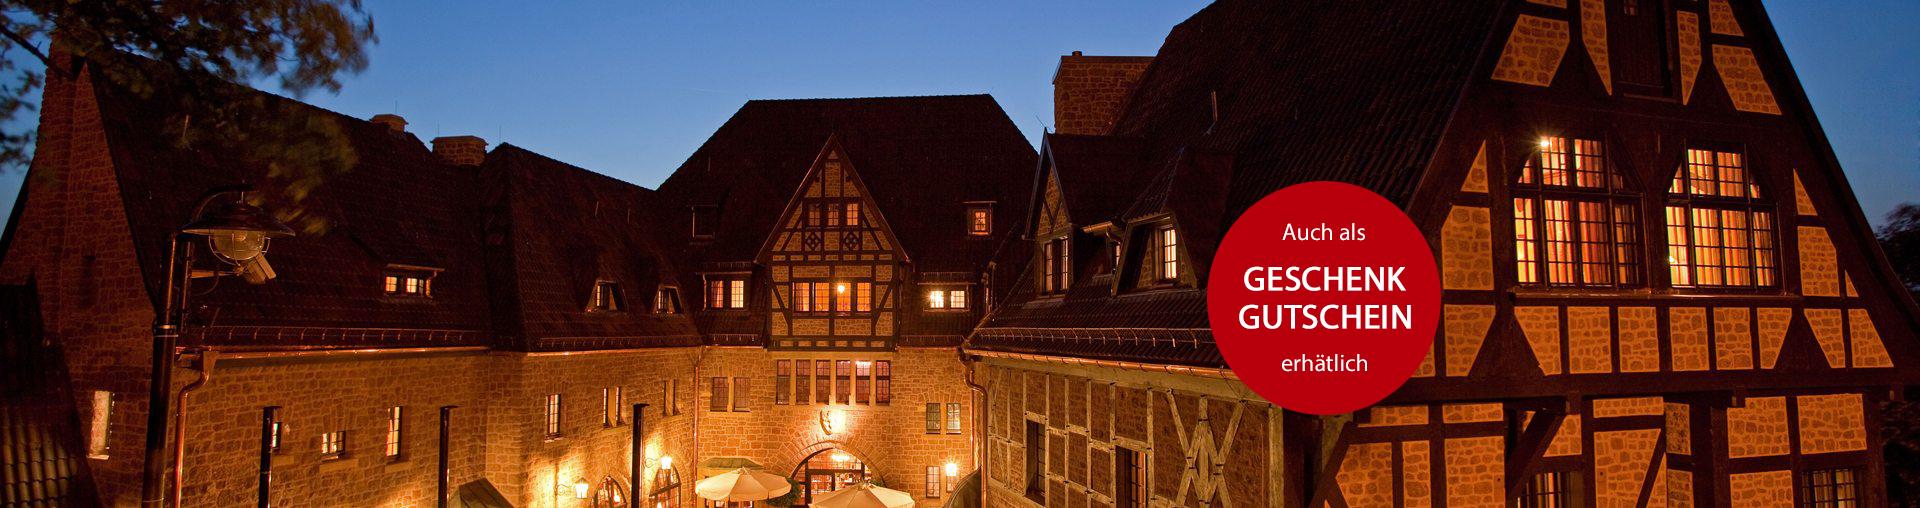 Angebot Wartburg Intermezzo im Romantik Hotel auf der Wartburg